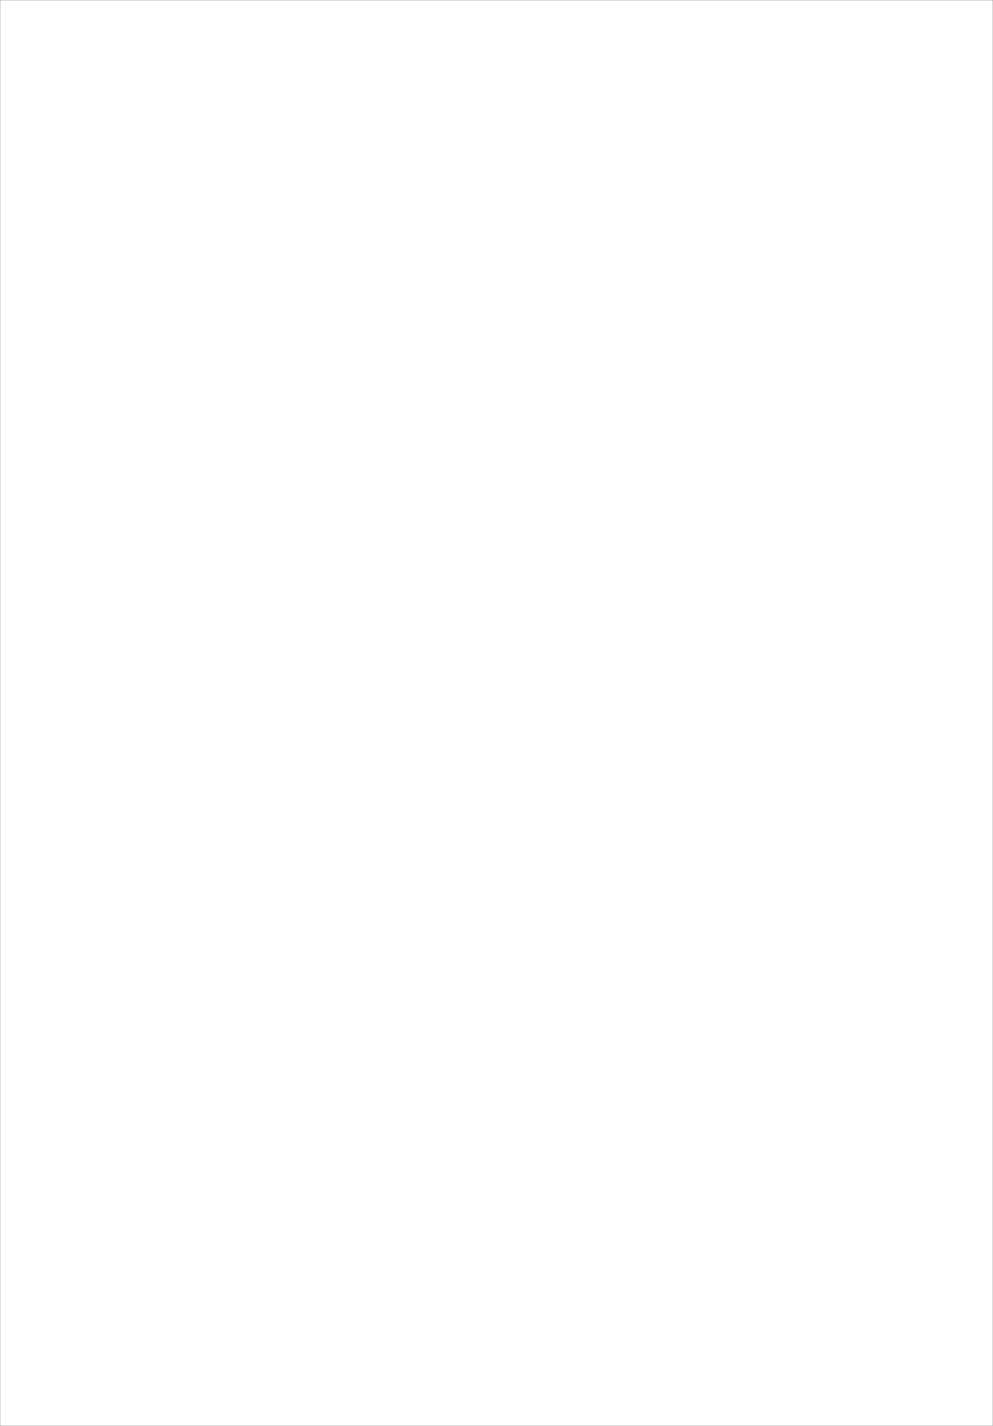 Chaldea JK Collection Vol. 2 Meltlilith 1